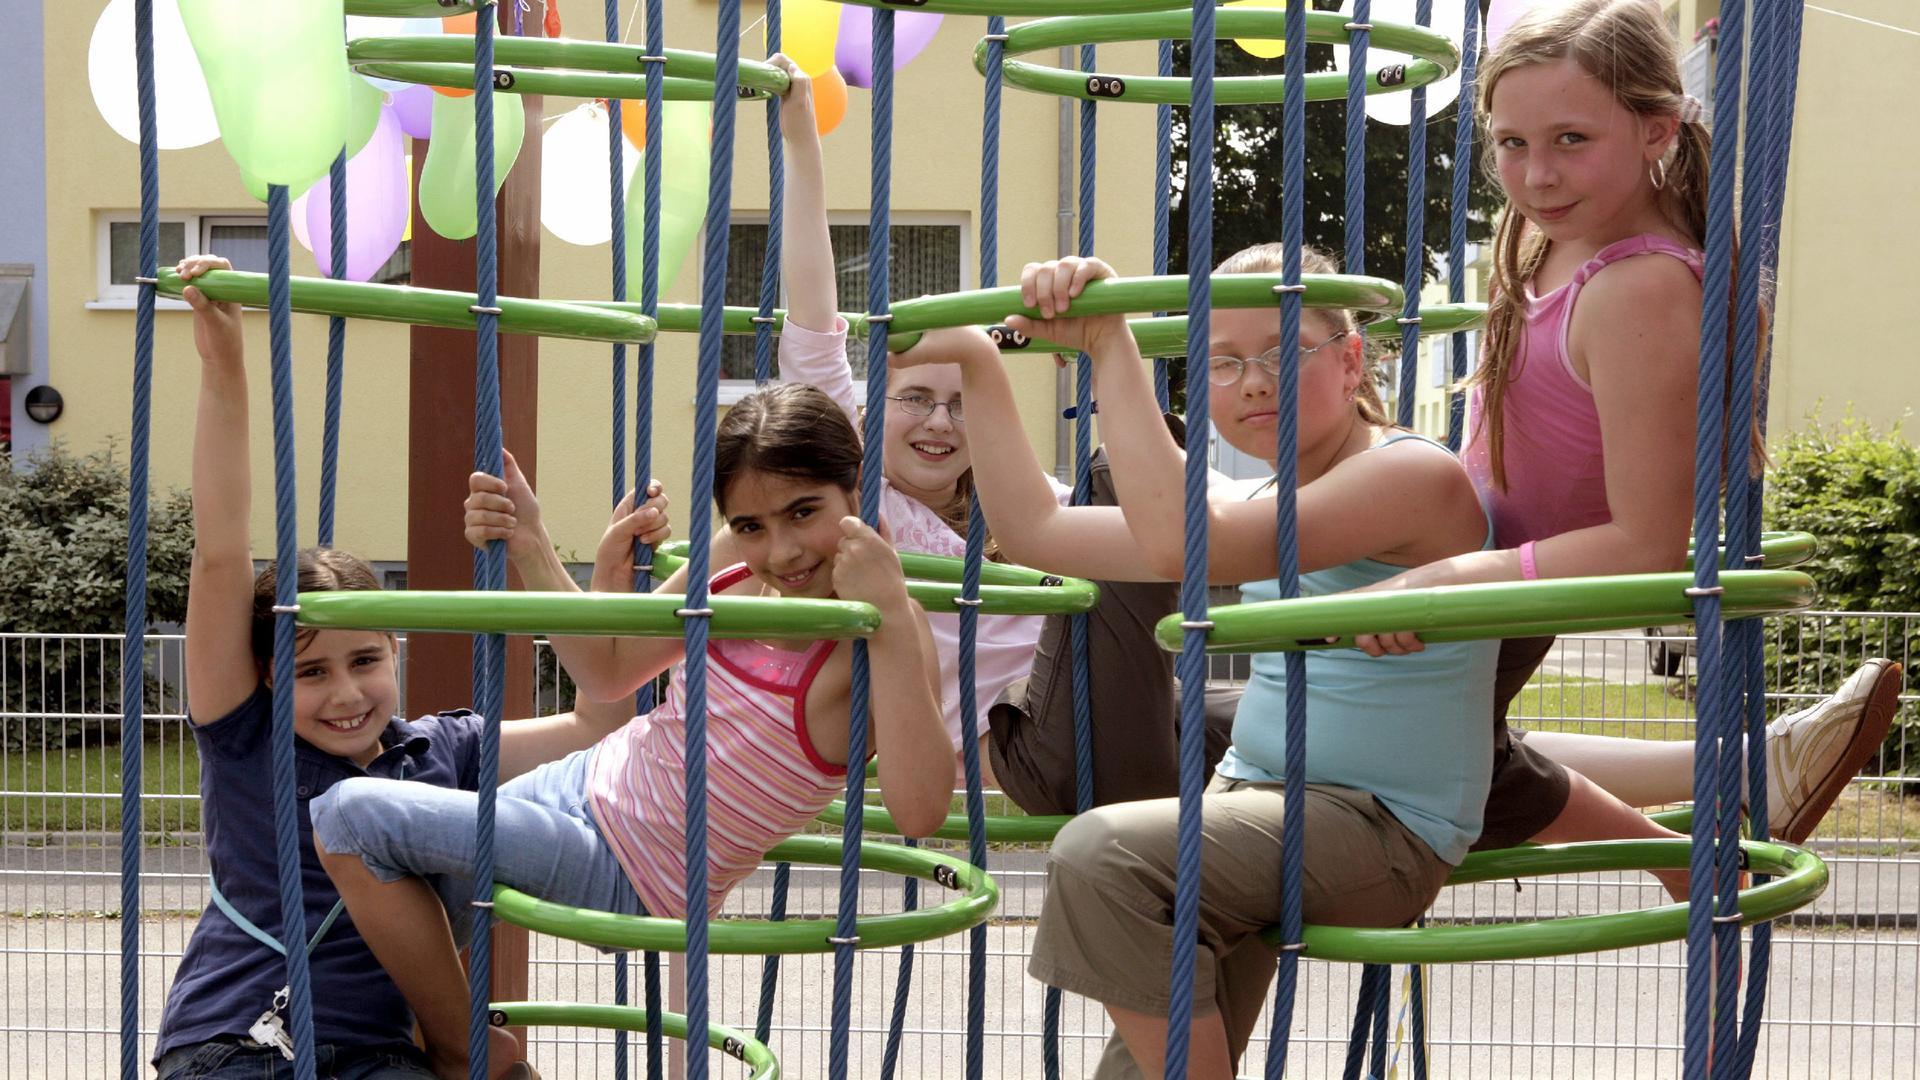 Klettergerüst Auf Englisch : Erlangen klettergerüst für grundschule frauenaurach